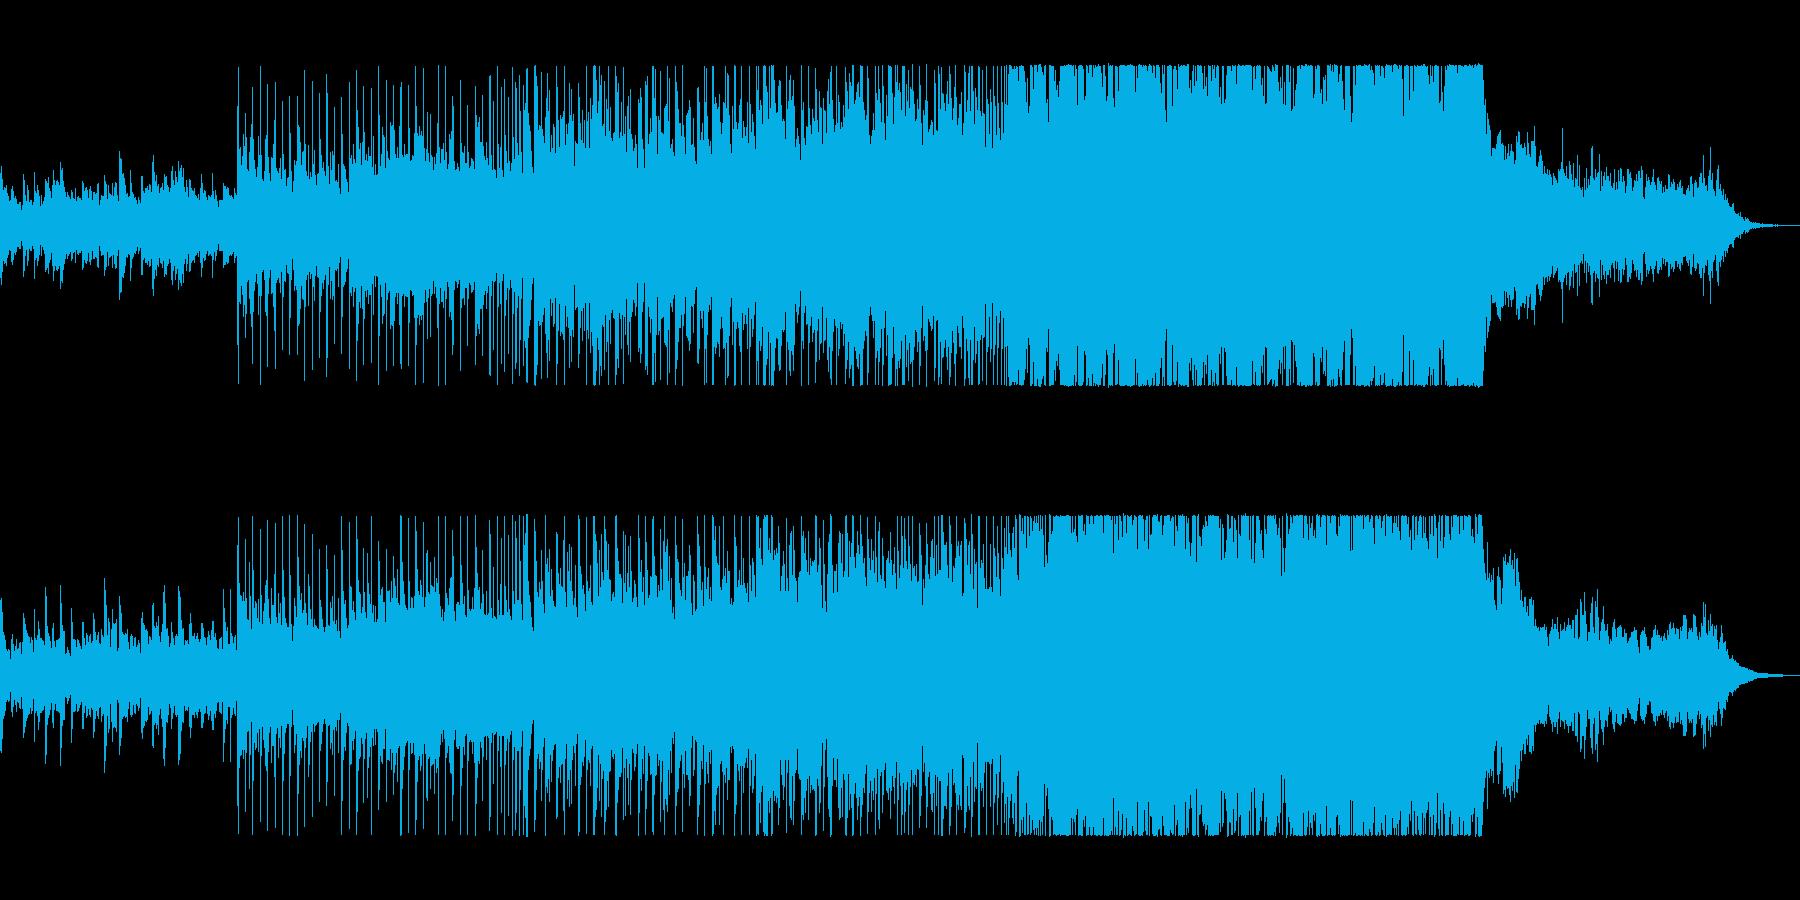 おしゃれで勢いのあるピアノシンセサウンドの再生済みの波形